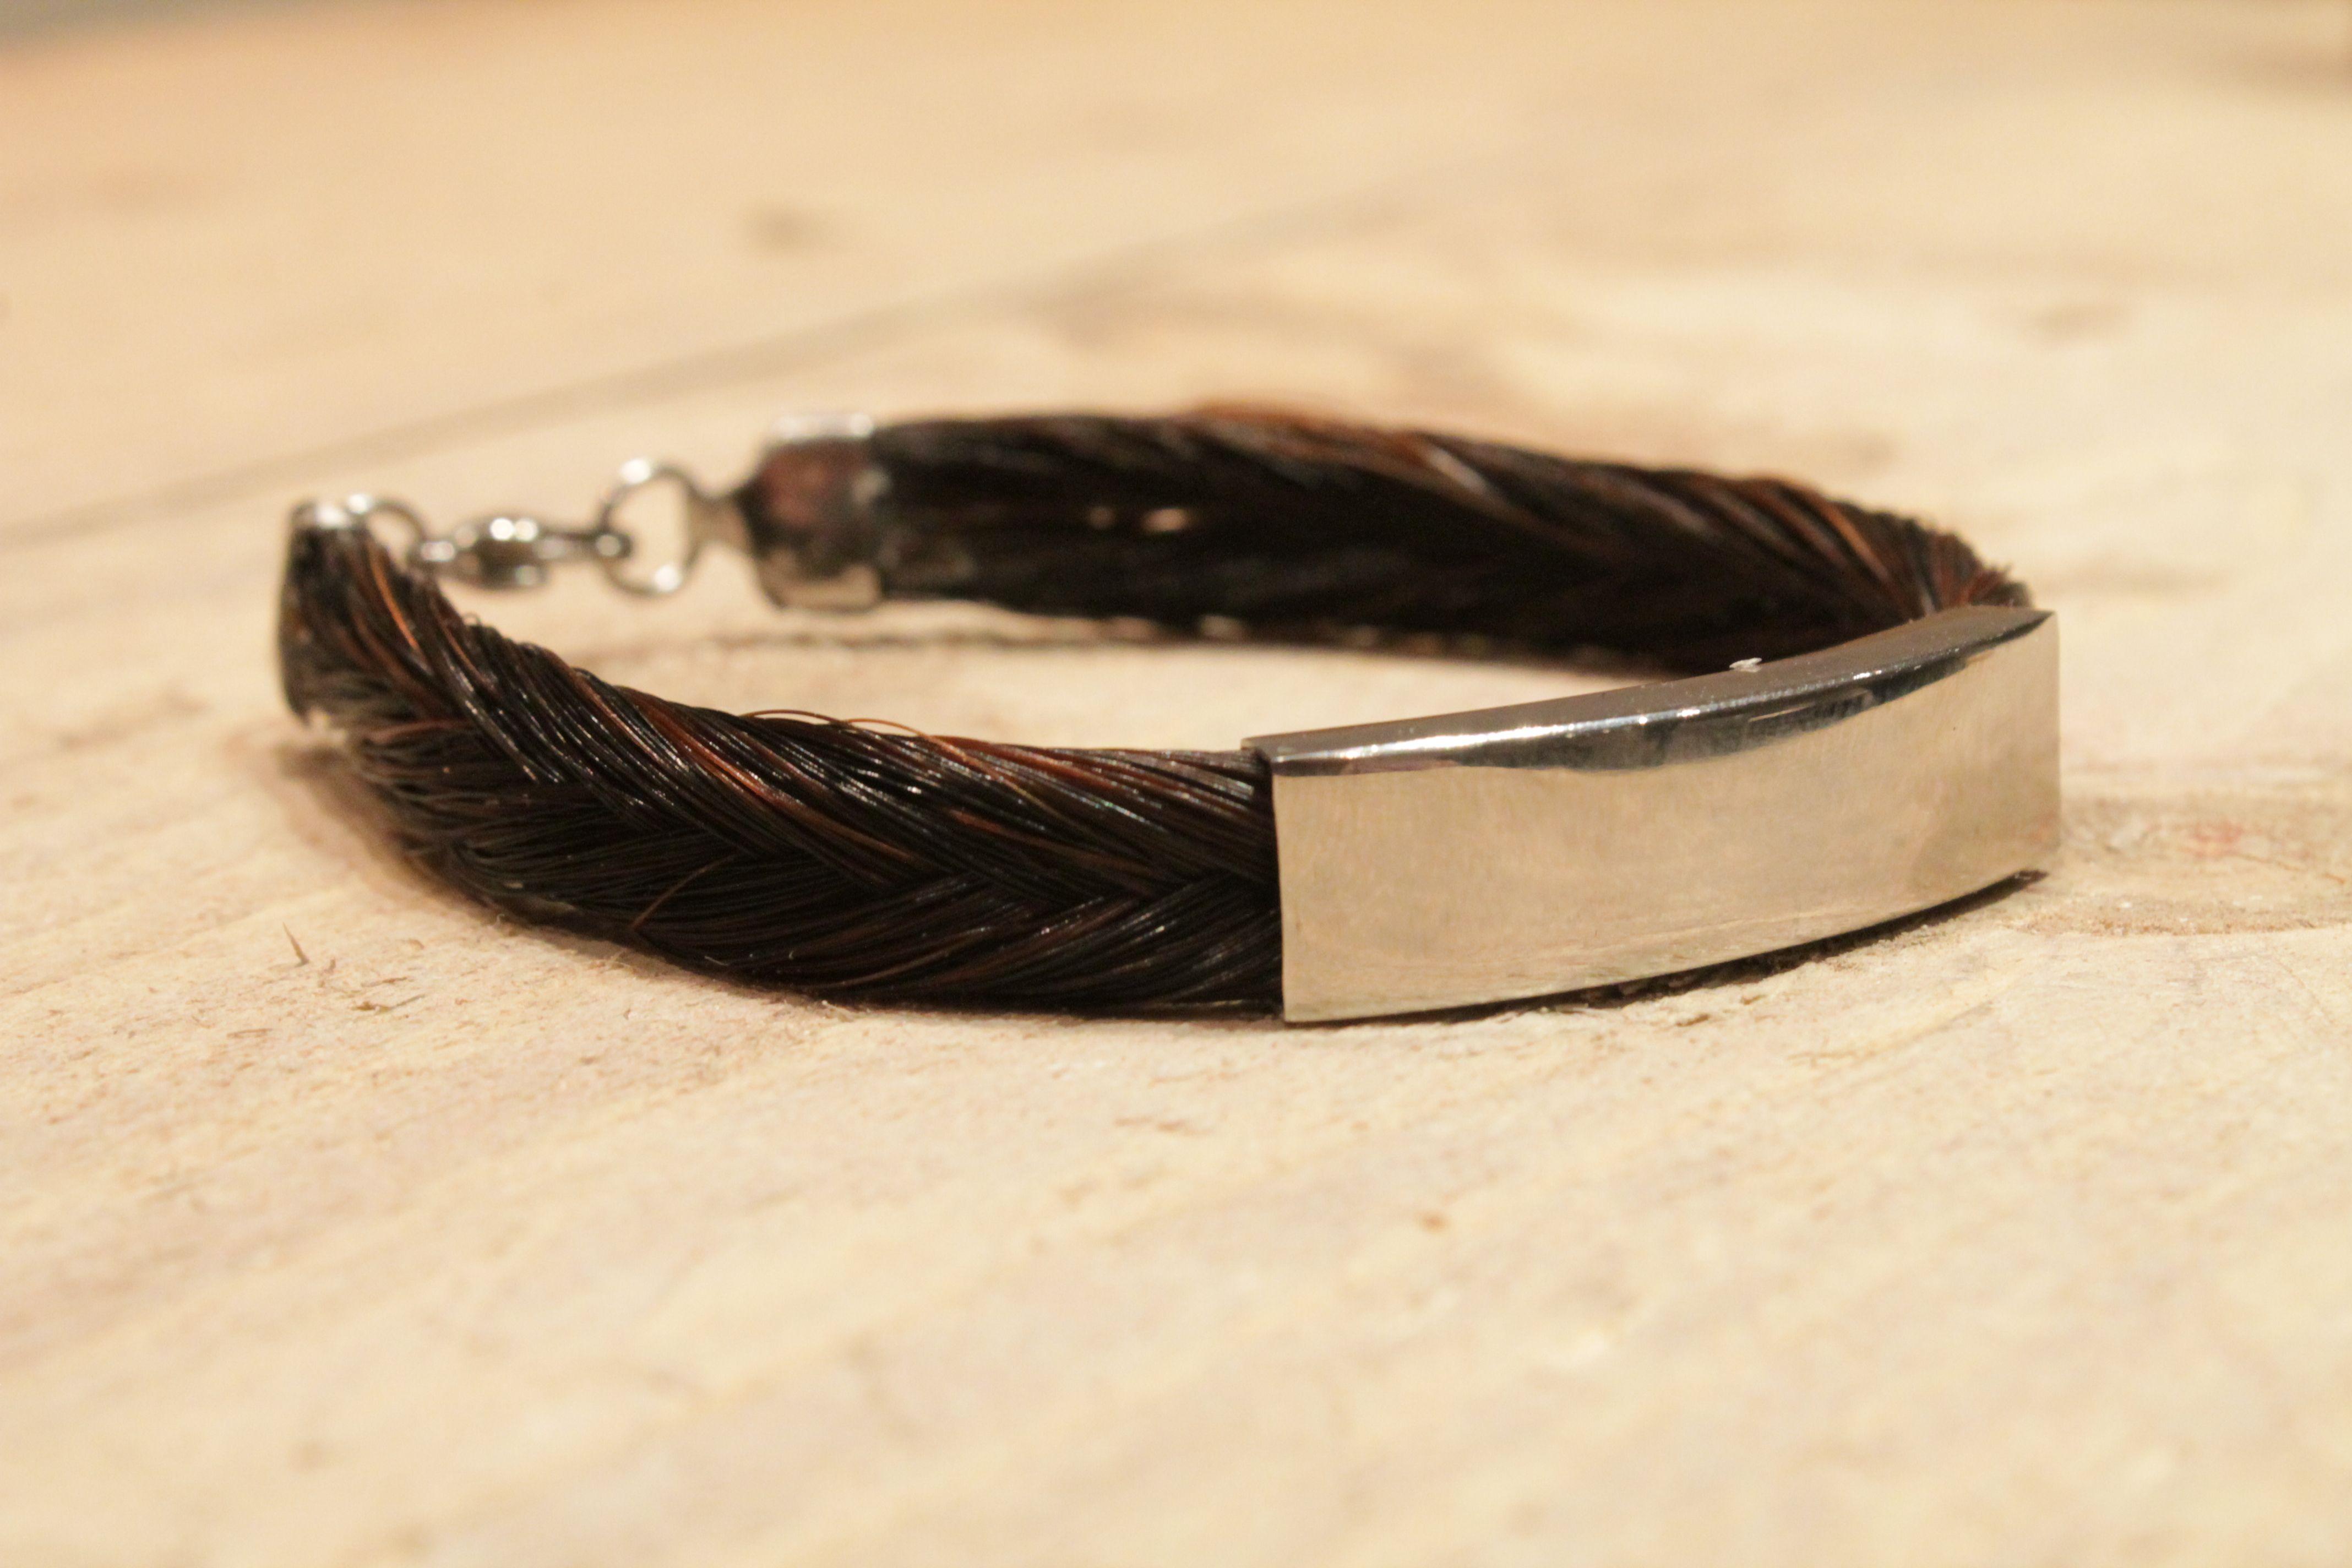 Variabele armband met simpele edelstalen klemsluiting. Zeer persoonlijk te maken door keuze uit diverse vlechten.  Het schuifelement kan gegraveerd worden met naam waardoor hij nog unieker wordt.